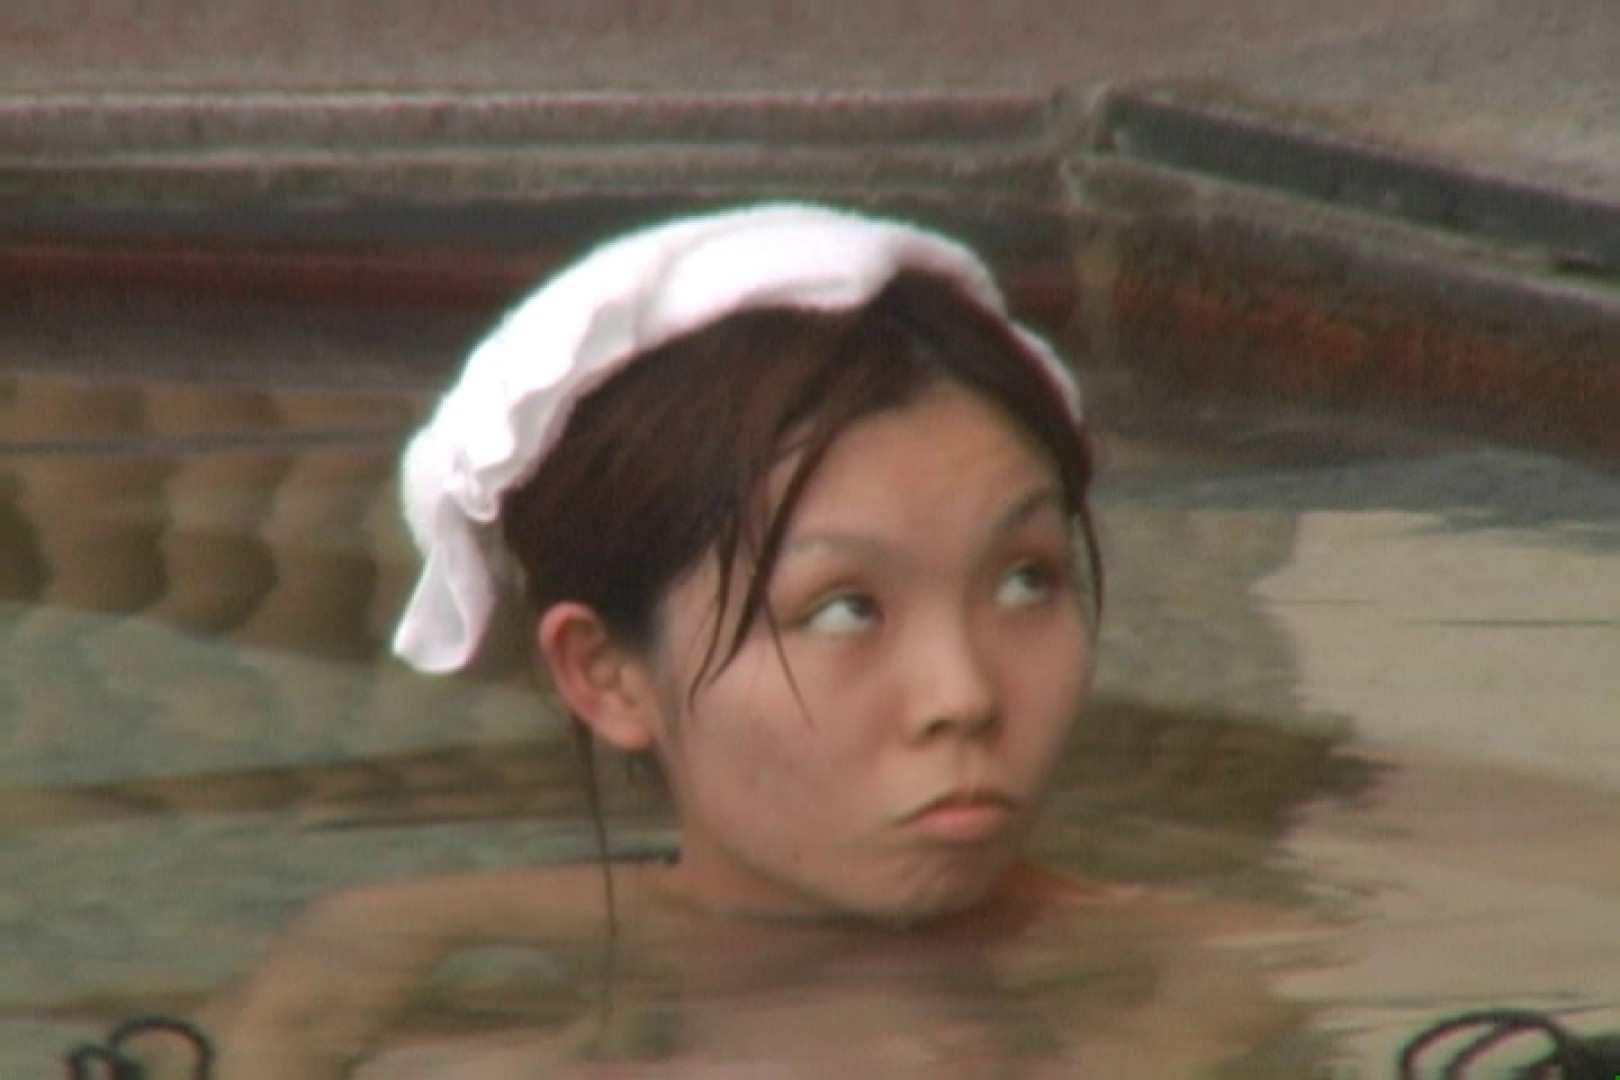 Aquaな露天風呂Vol.580 0   0  103pic 63